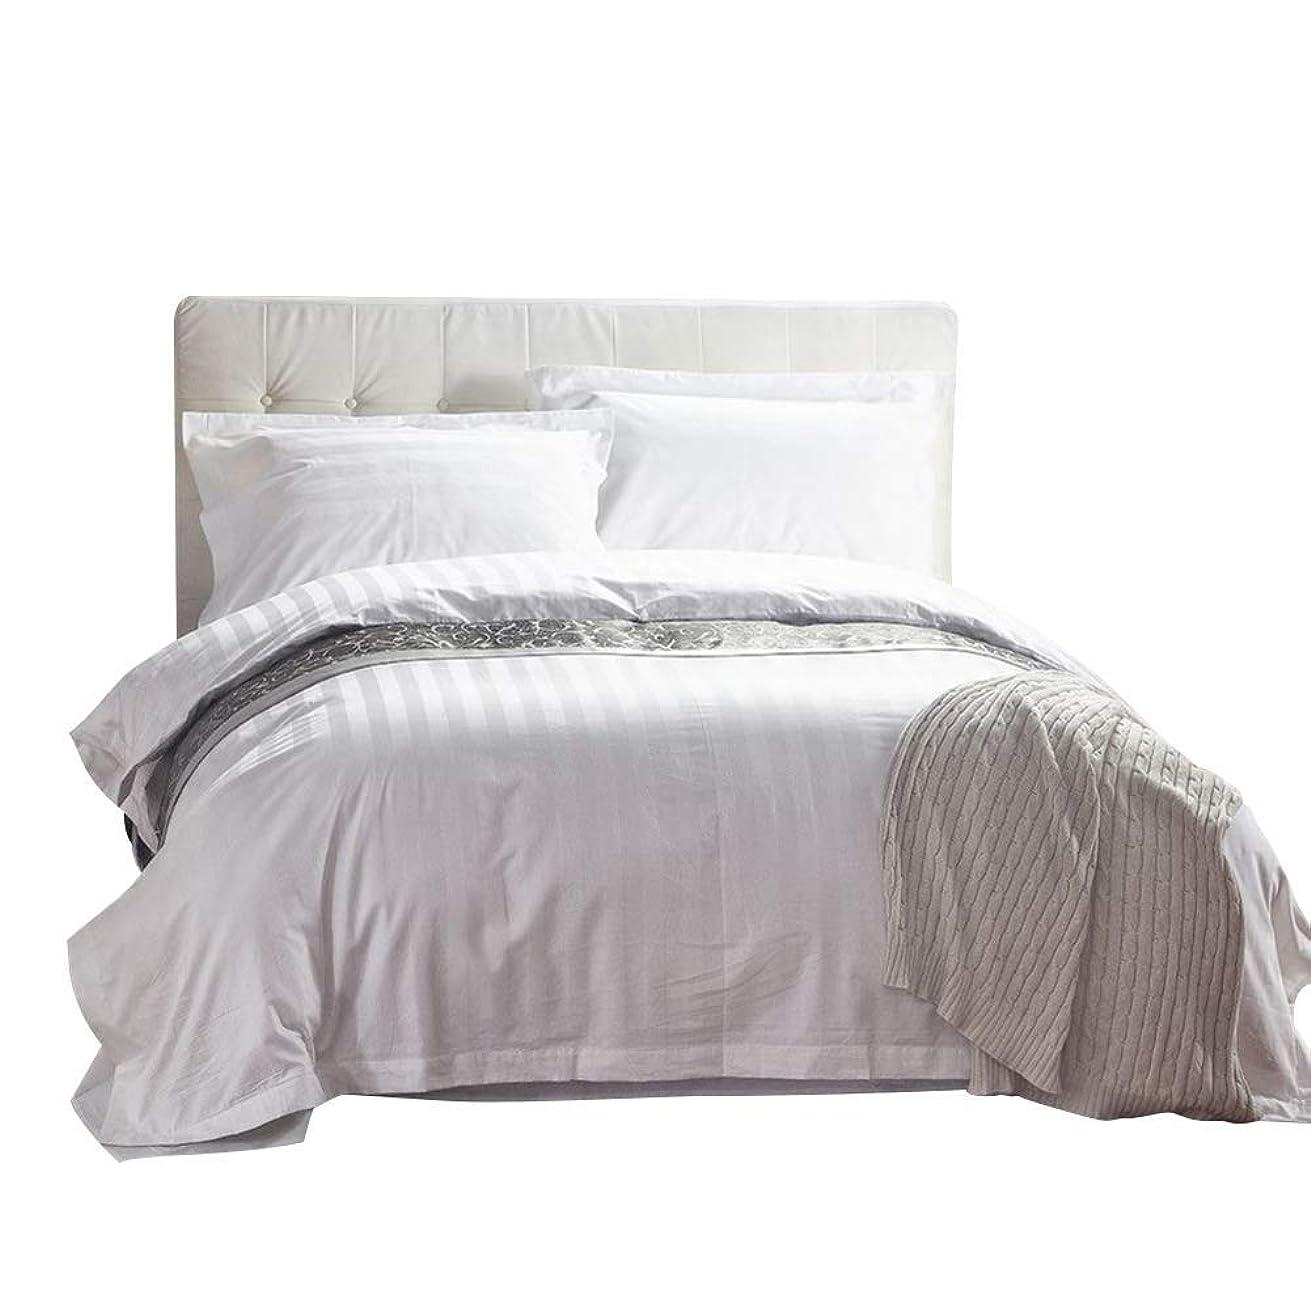 近所のドック大事にするVeroMan 綿100% ホテル仕様 フラットシーツ 布団カバー まくらカバー 寝具カバーセット ホワイト(ストライプ入り) ダブル